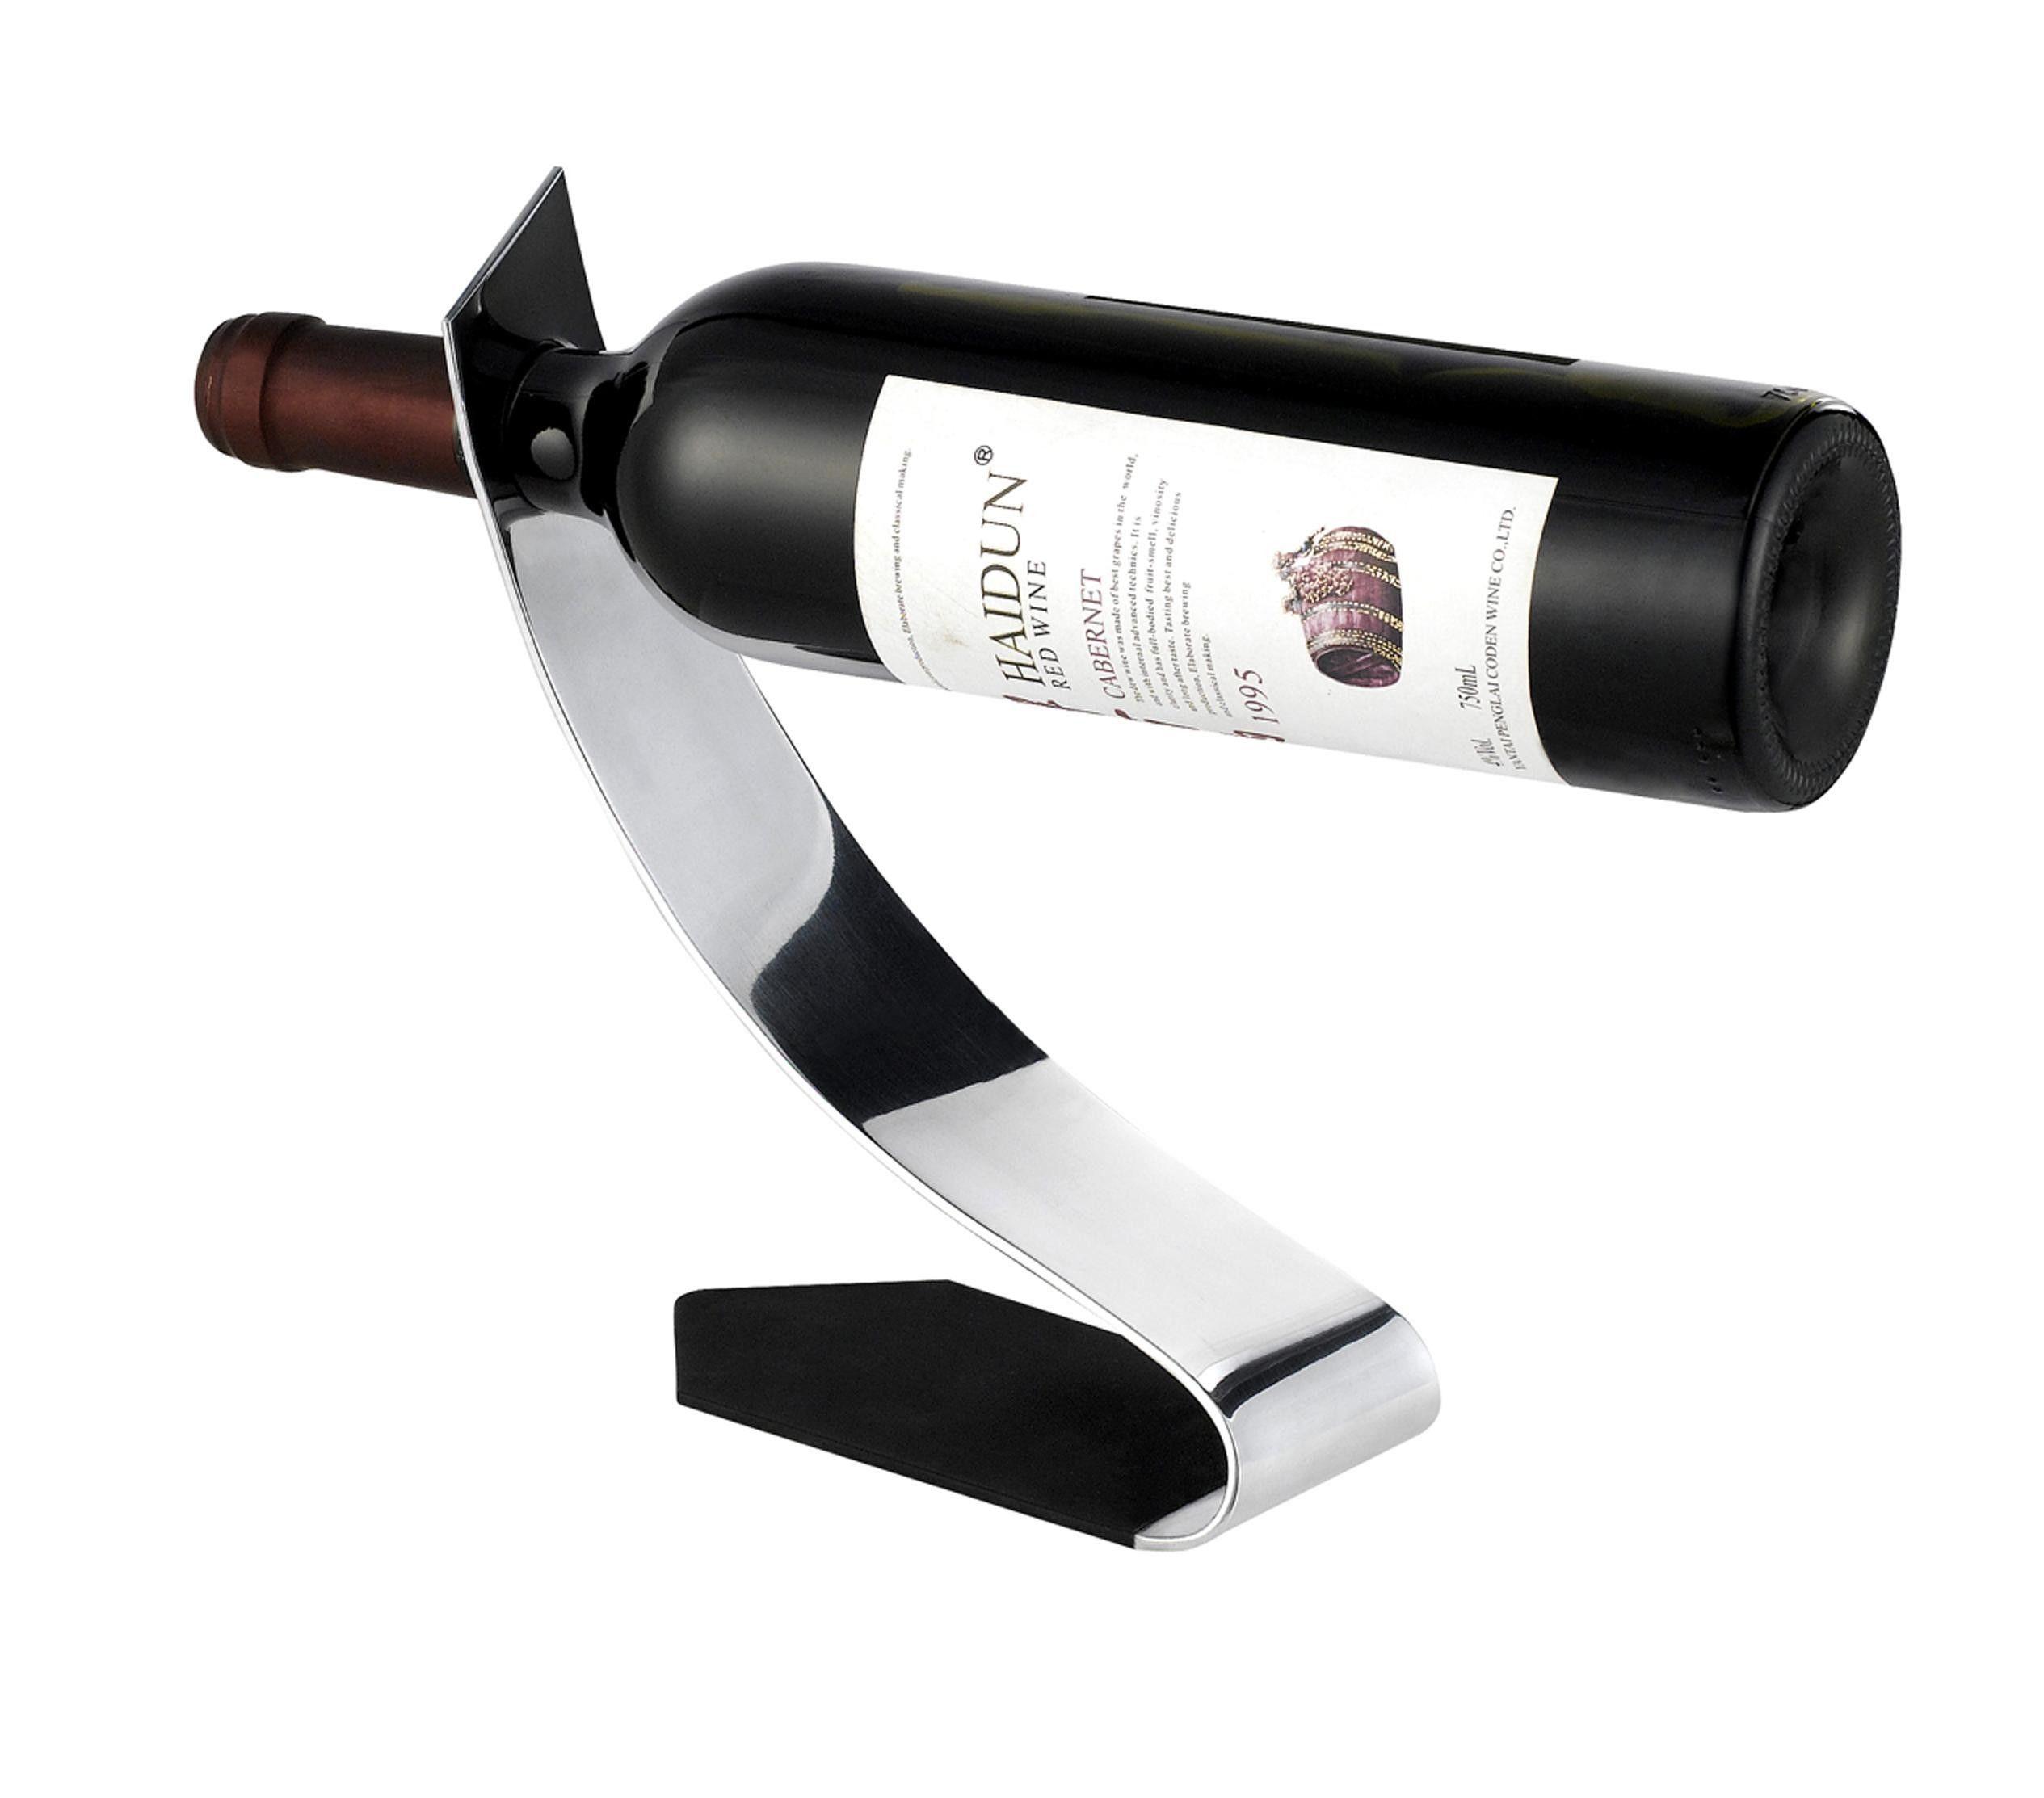 Practico Portabotellas En Acero Inoxidable Marca Regal Wine Rack Wine Decor